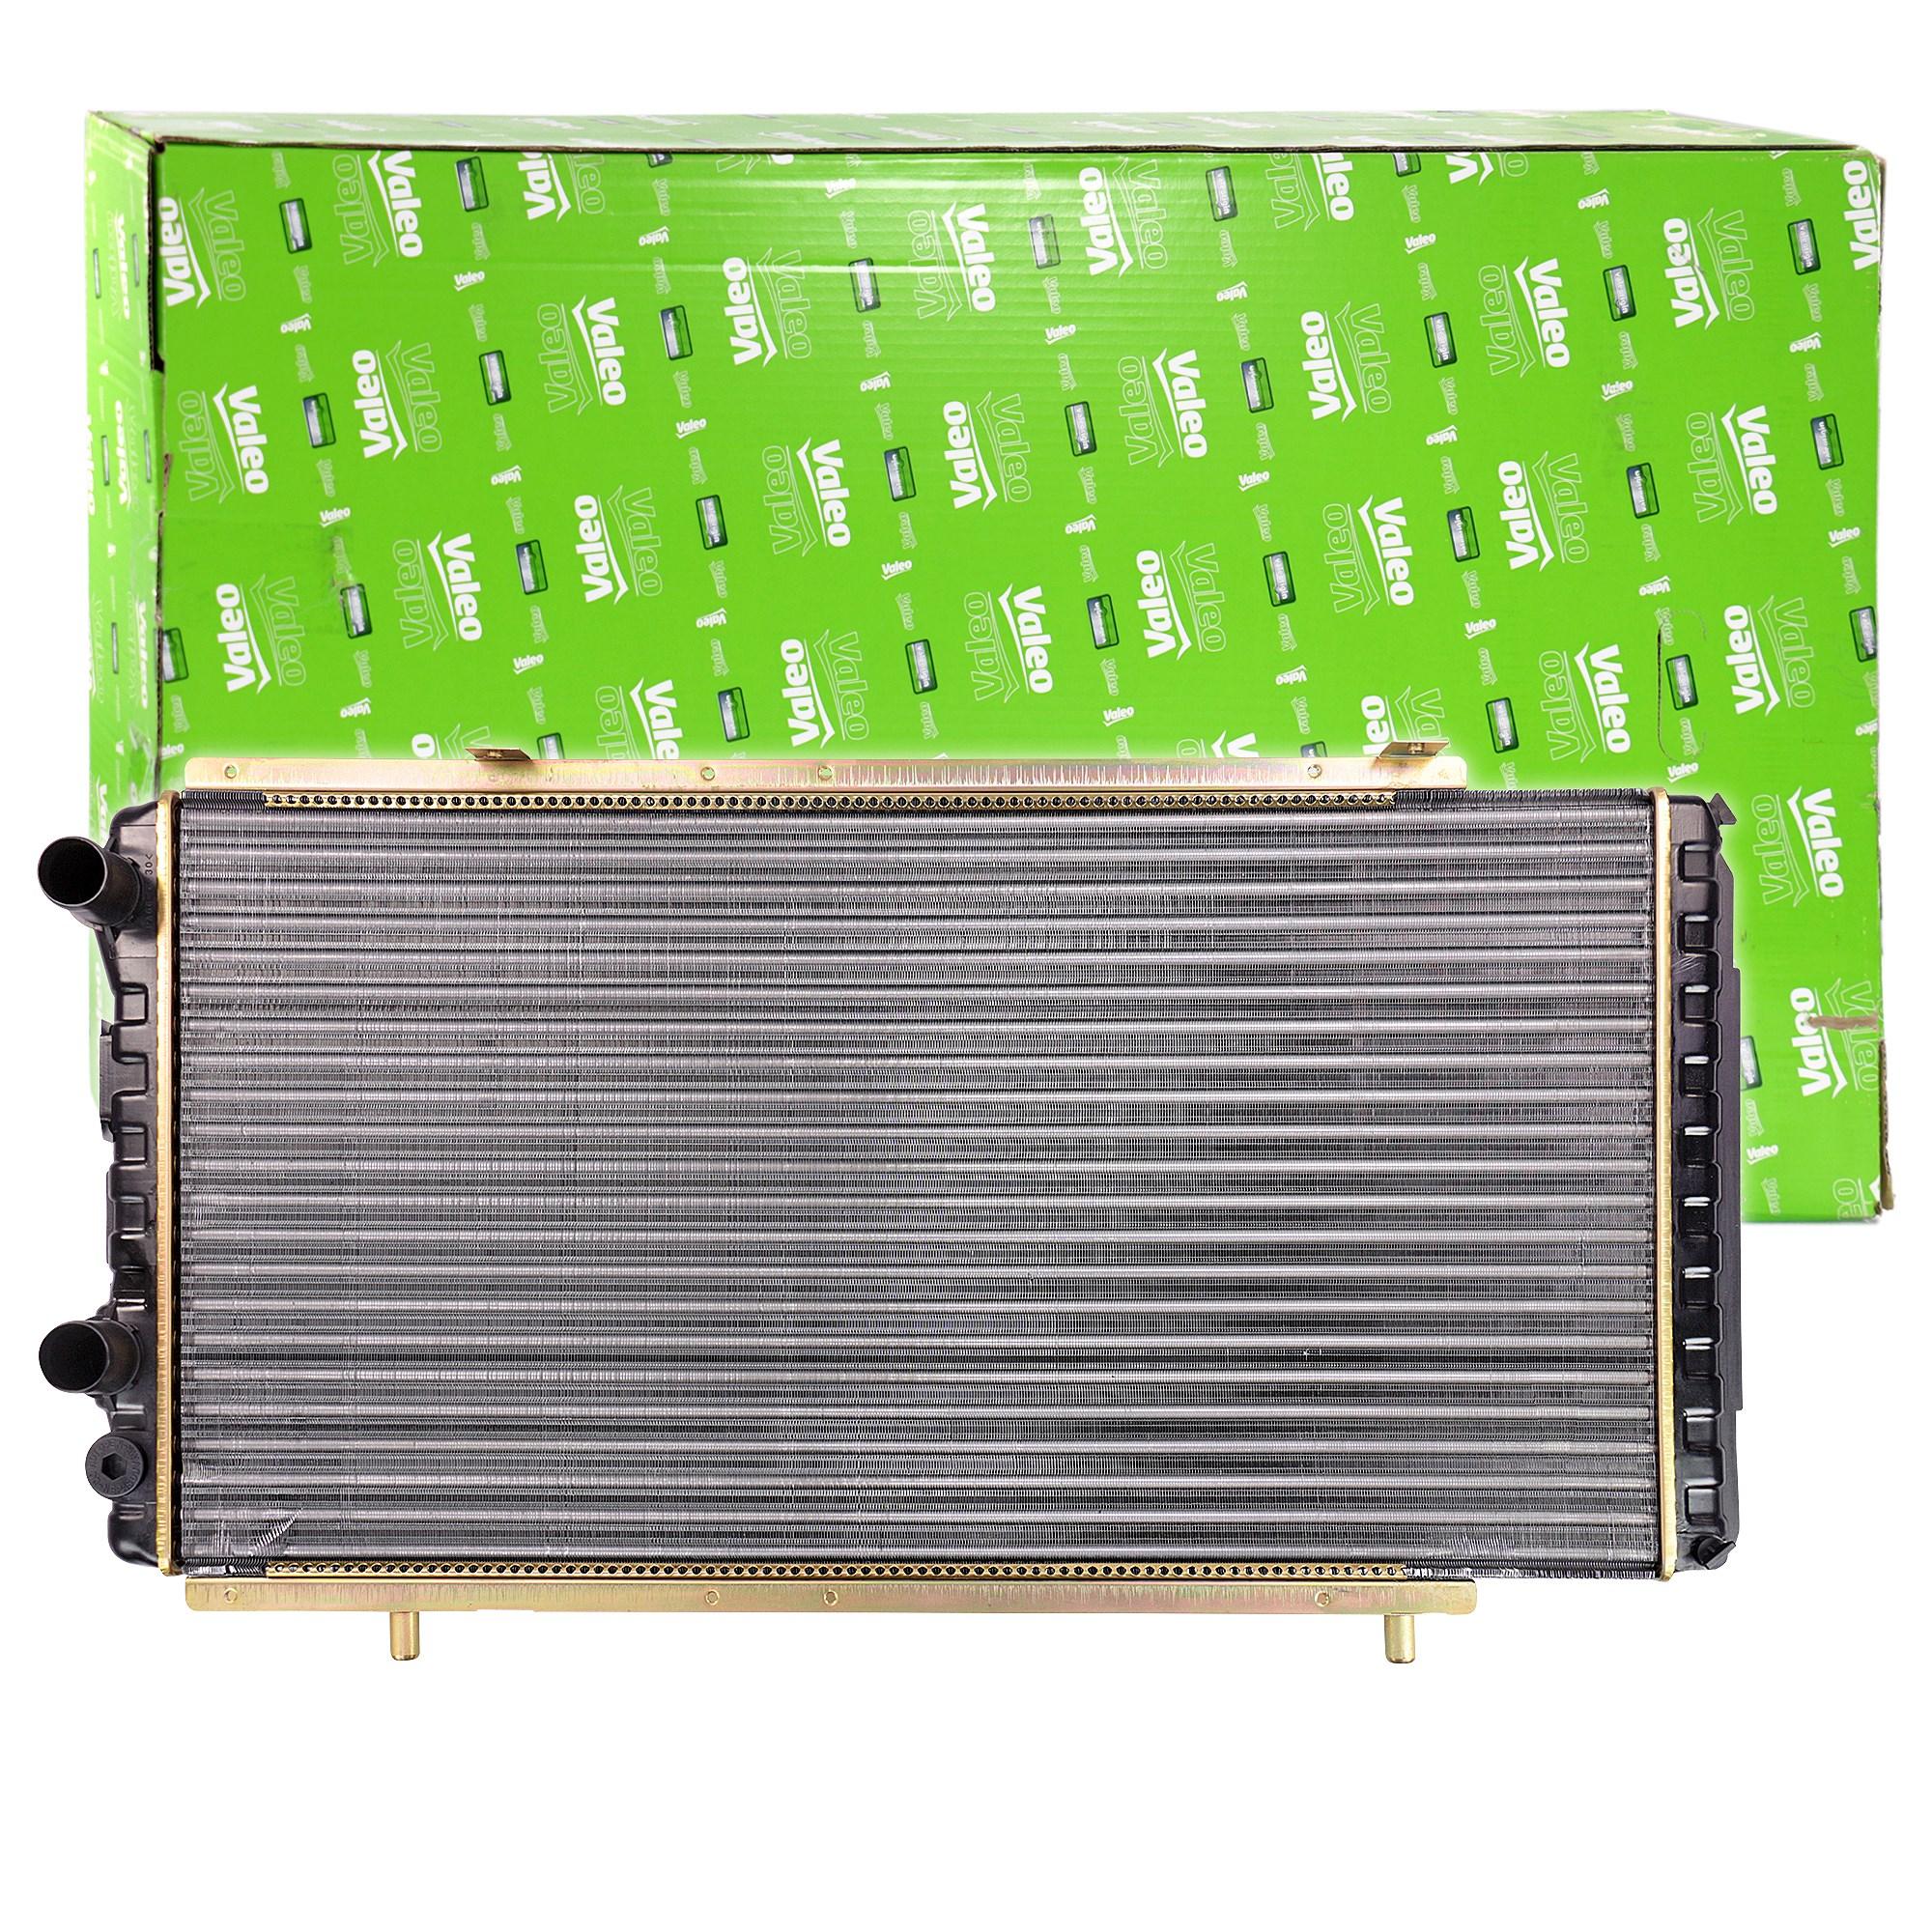 Kühler Motorkühlung für Kühlung NRF 52062